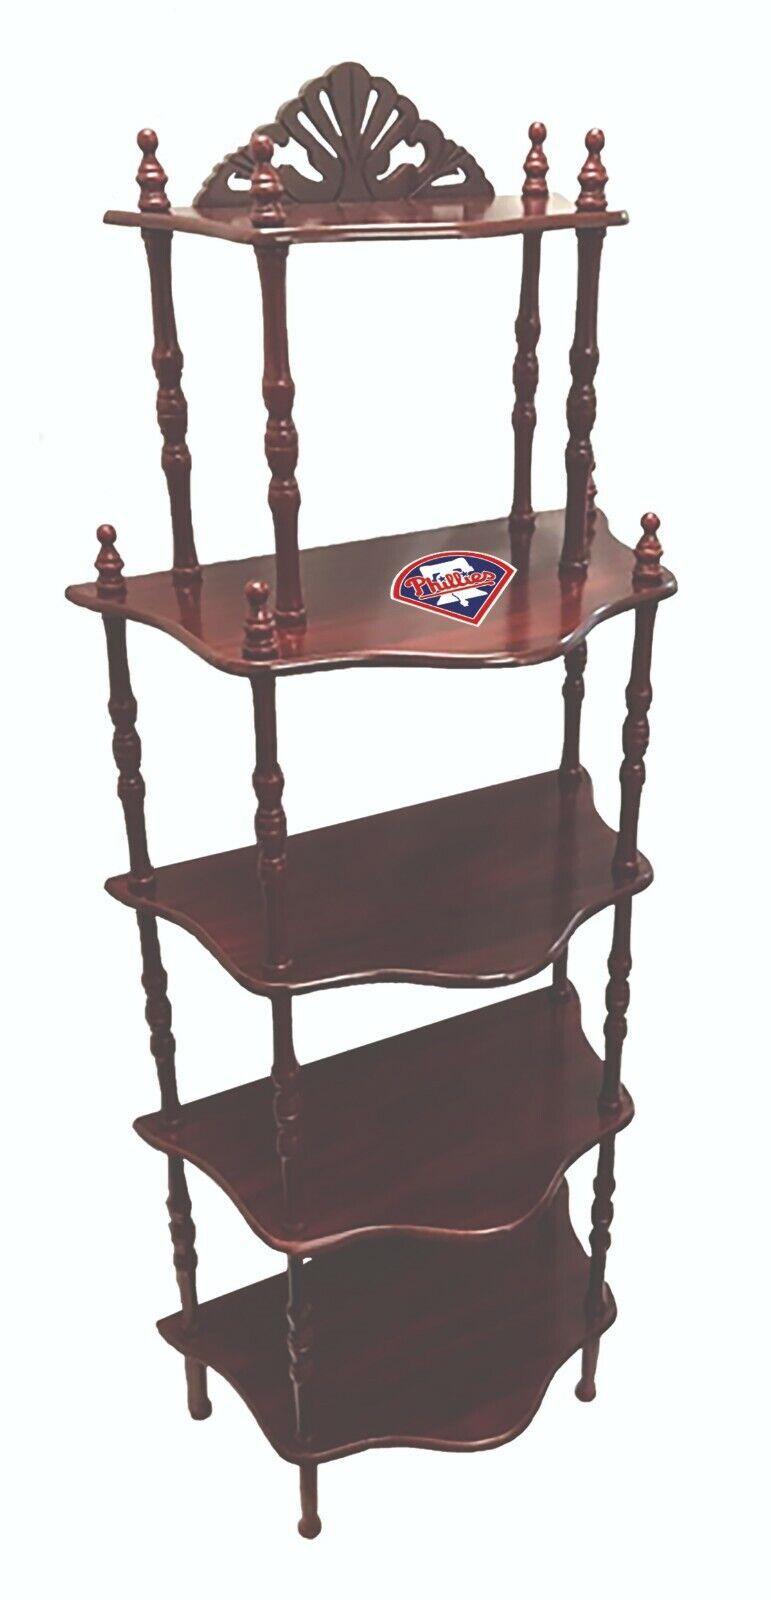 mlb bookshelf or display shelf in a